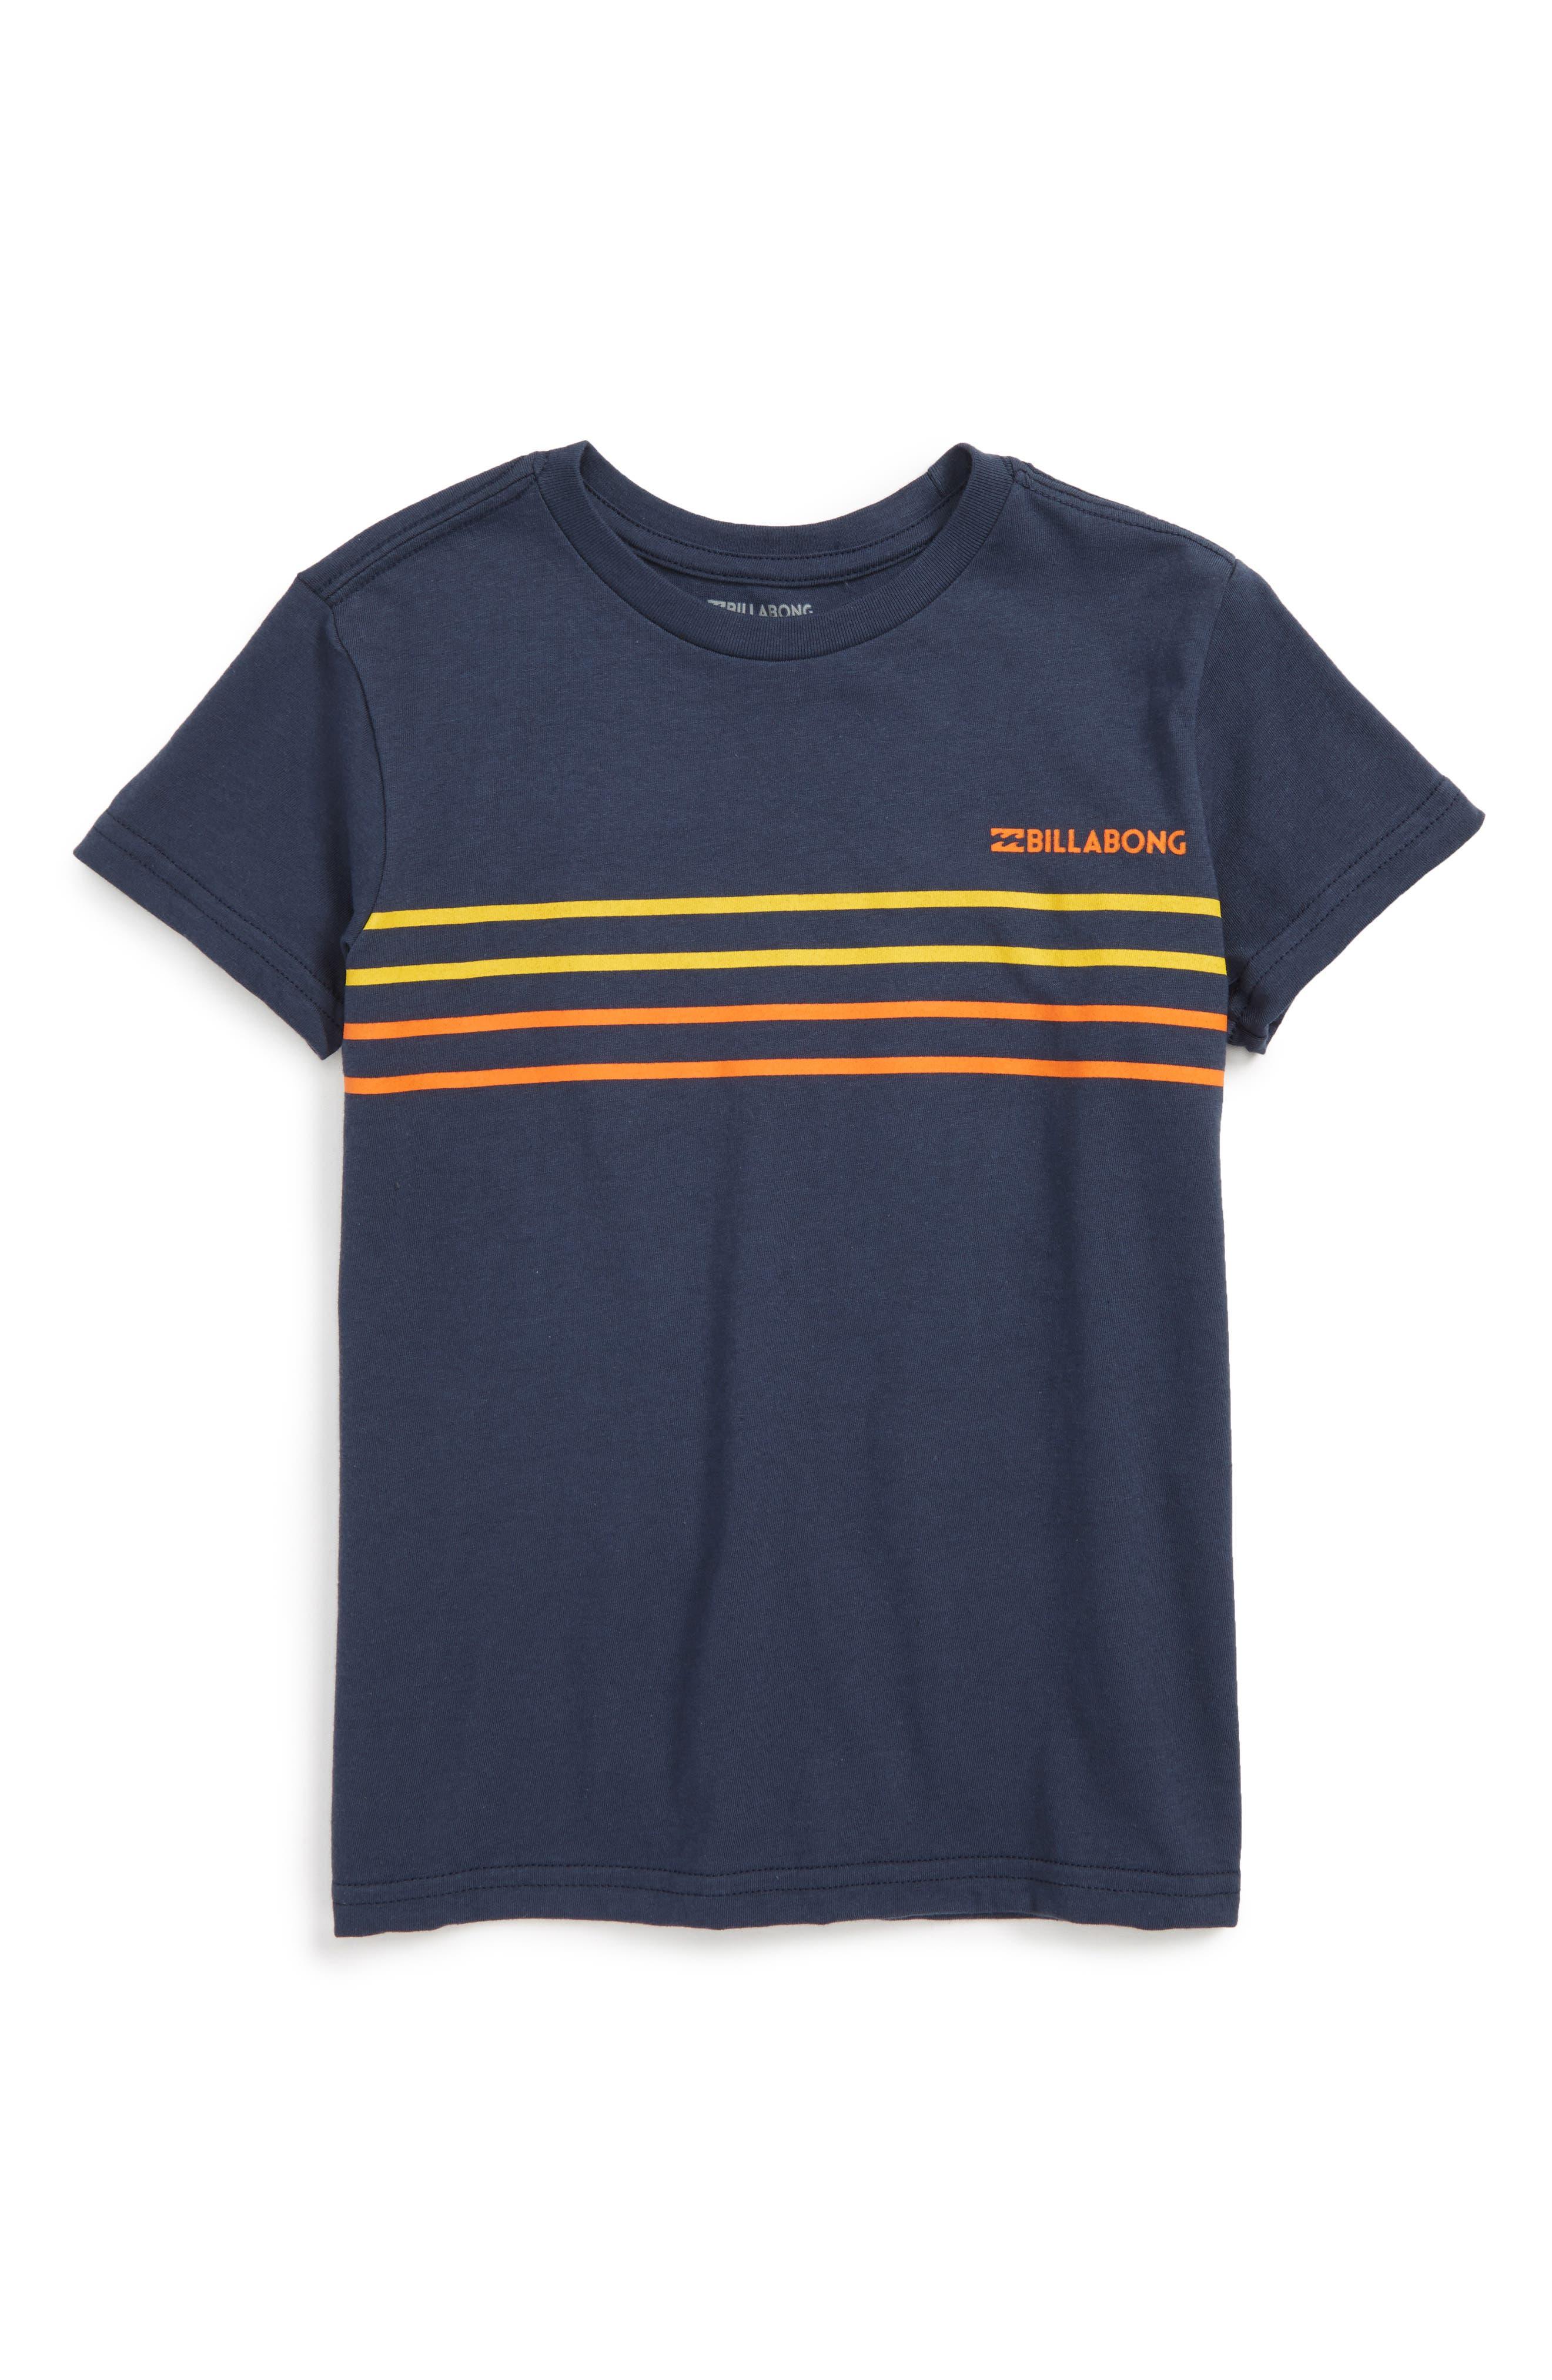 Billabong Spinner Stripe Print T-Shirt (Toddler Boys & Little Boys)